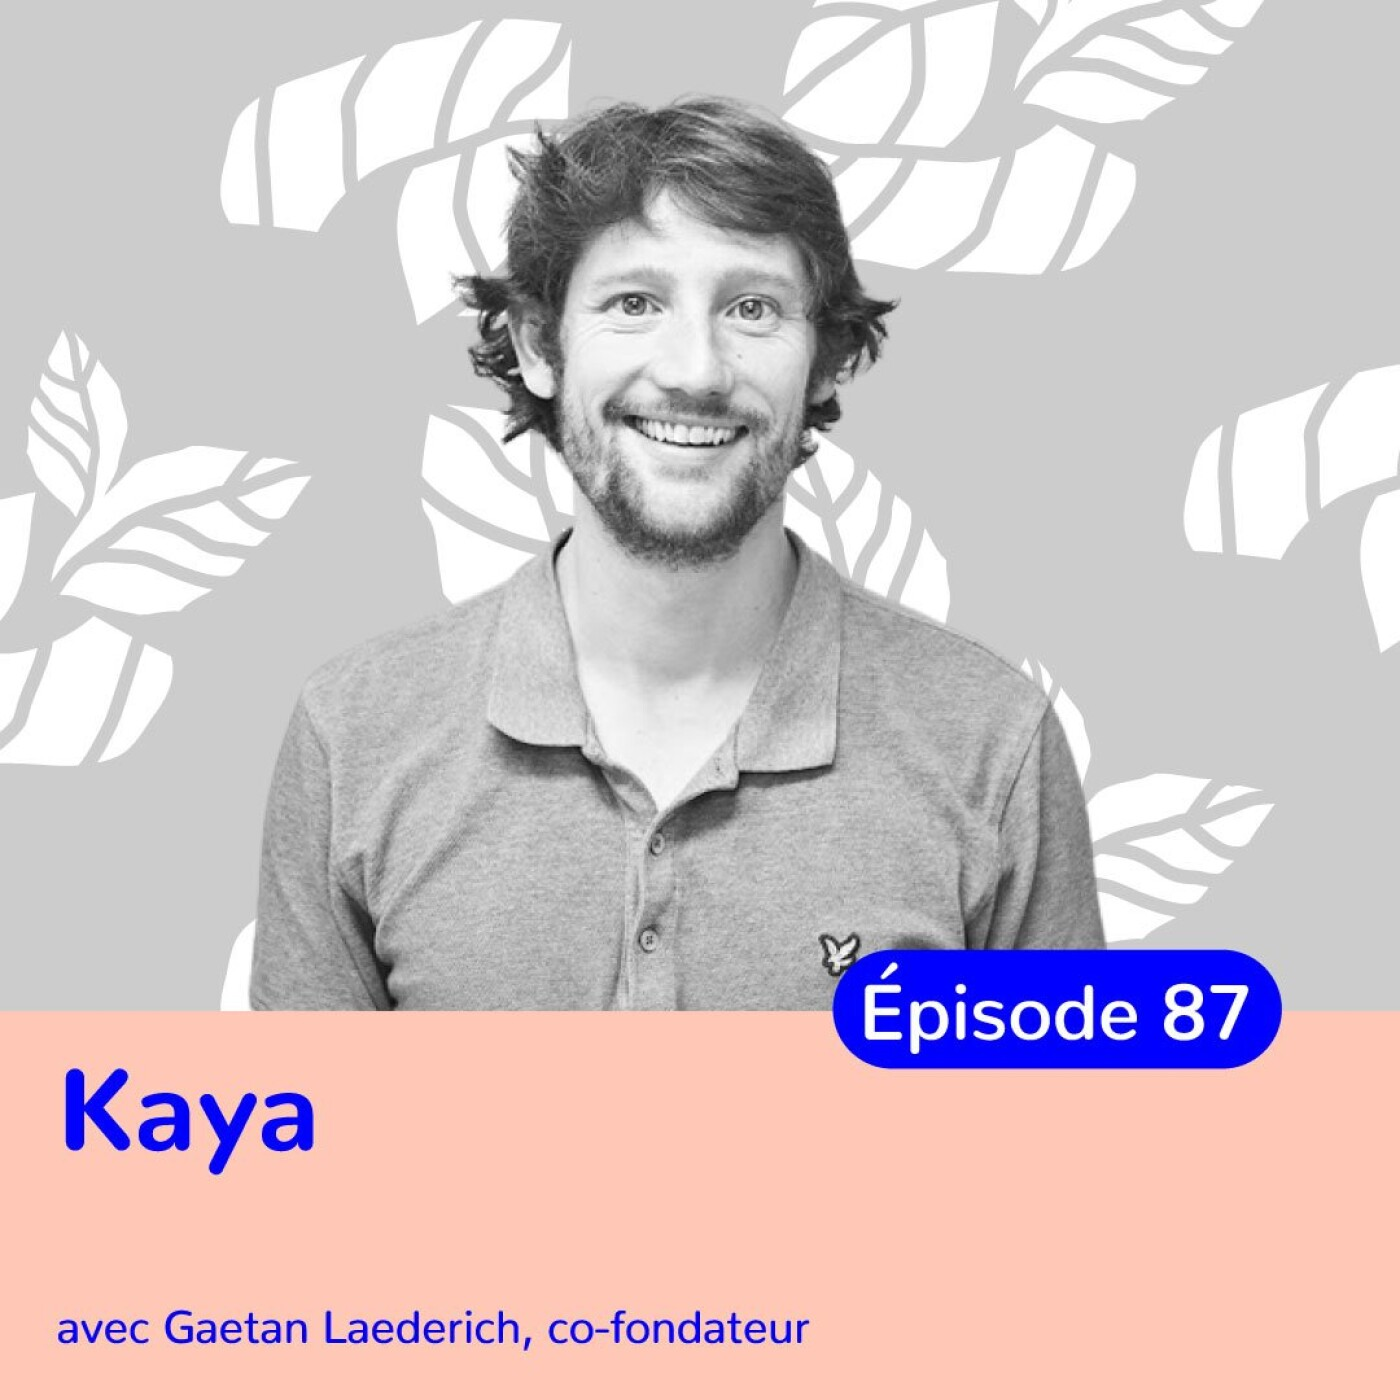 Gaetan Laederich, co-fondateur de Kaya, soulager le stress grâce au CBD